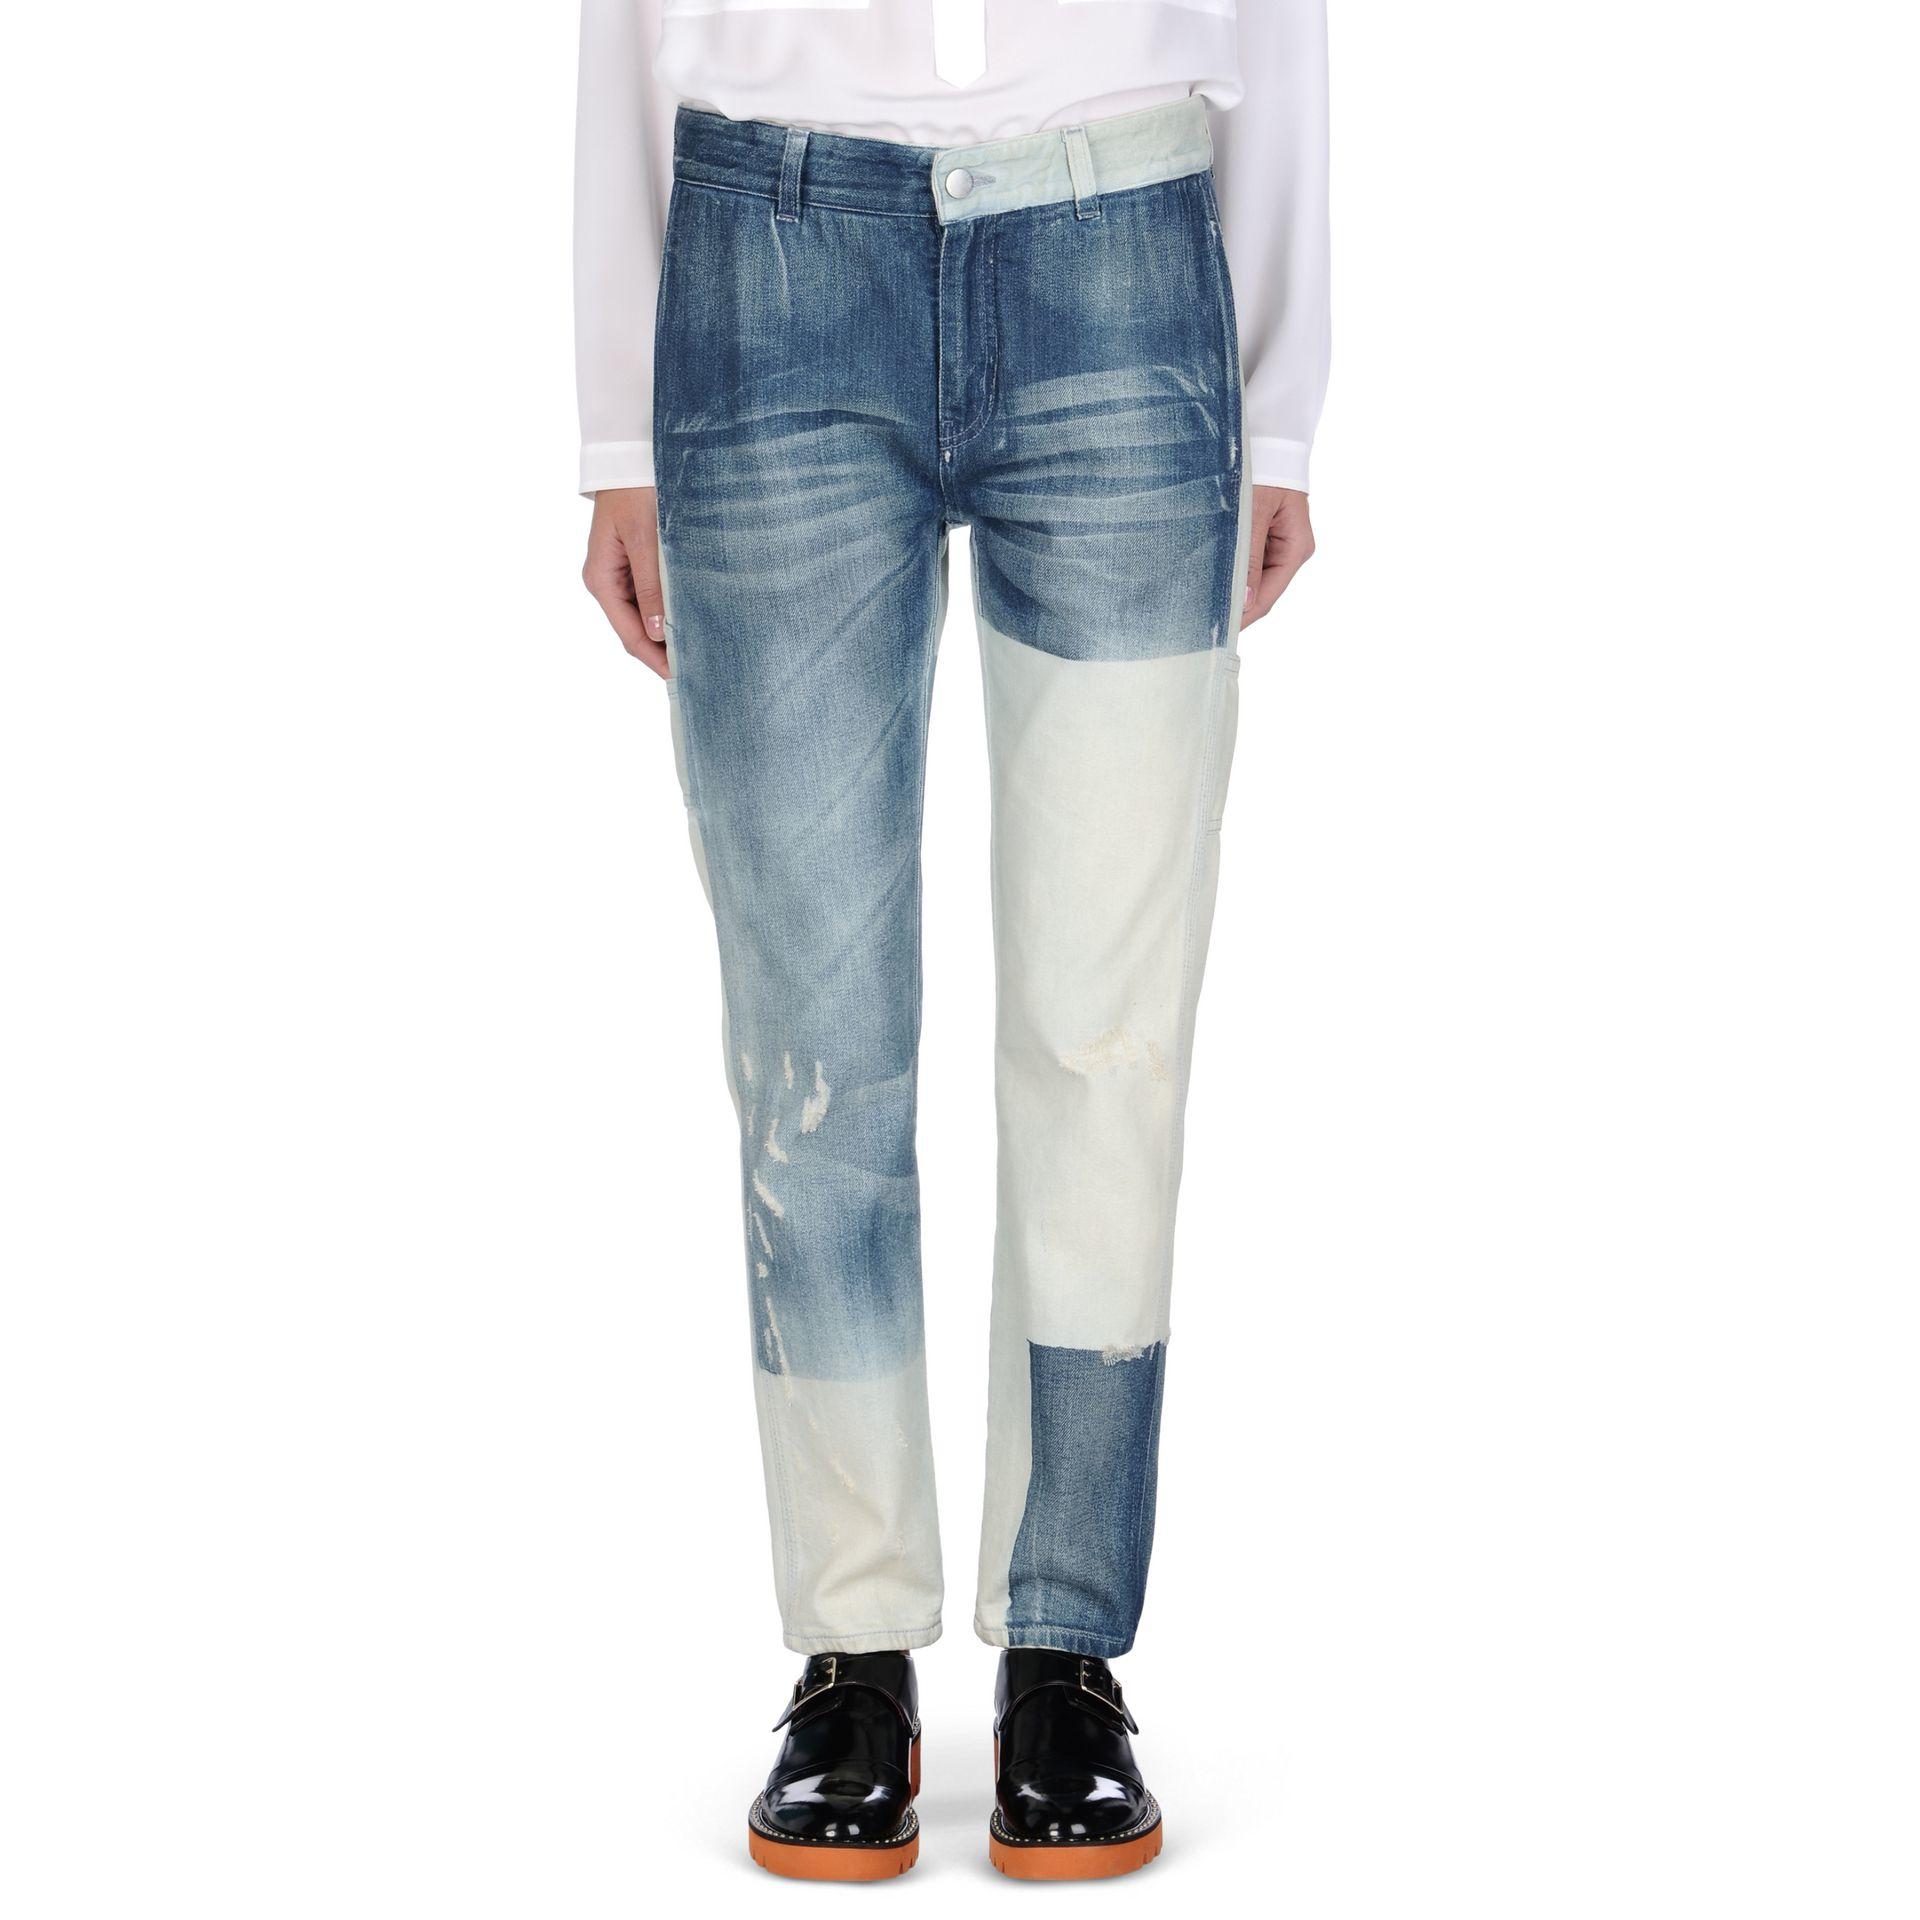 Stella mccartney Faded Blue Patchwork Boyfriend Jeans in Blue | Lyst